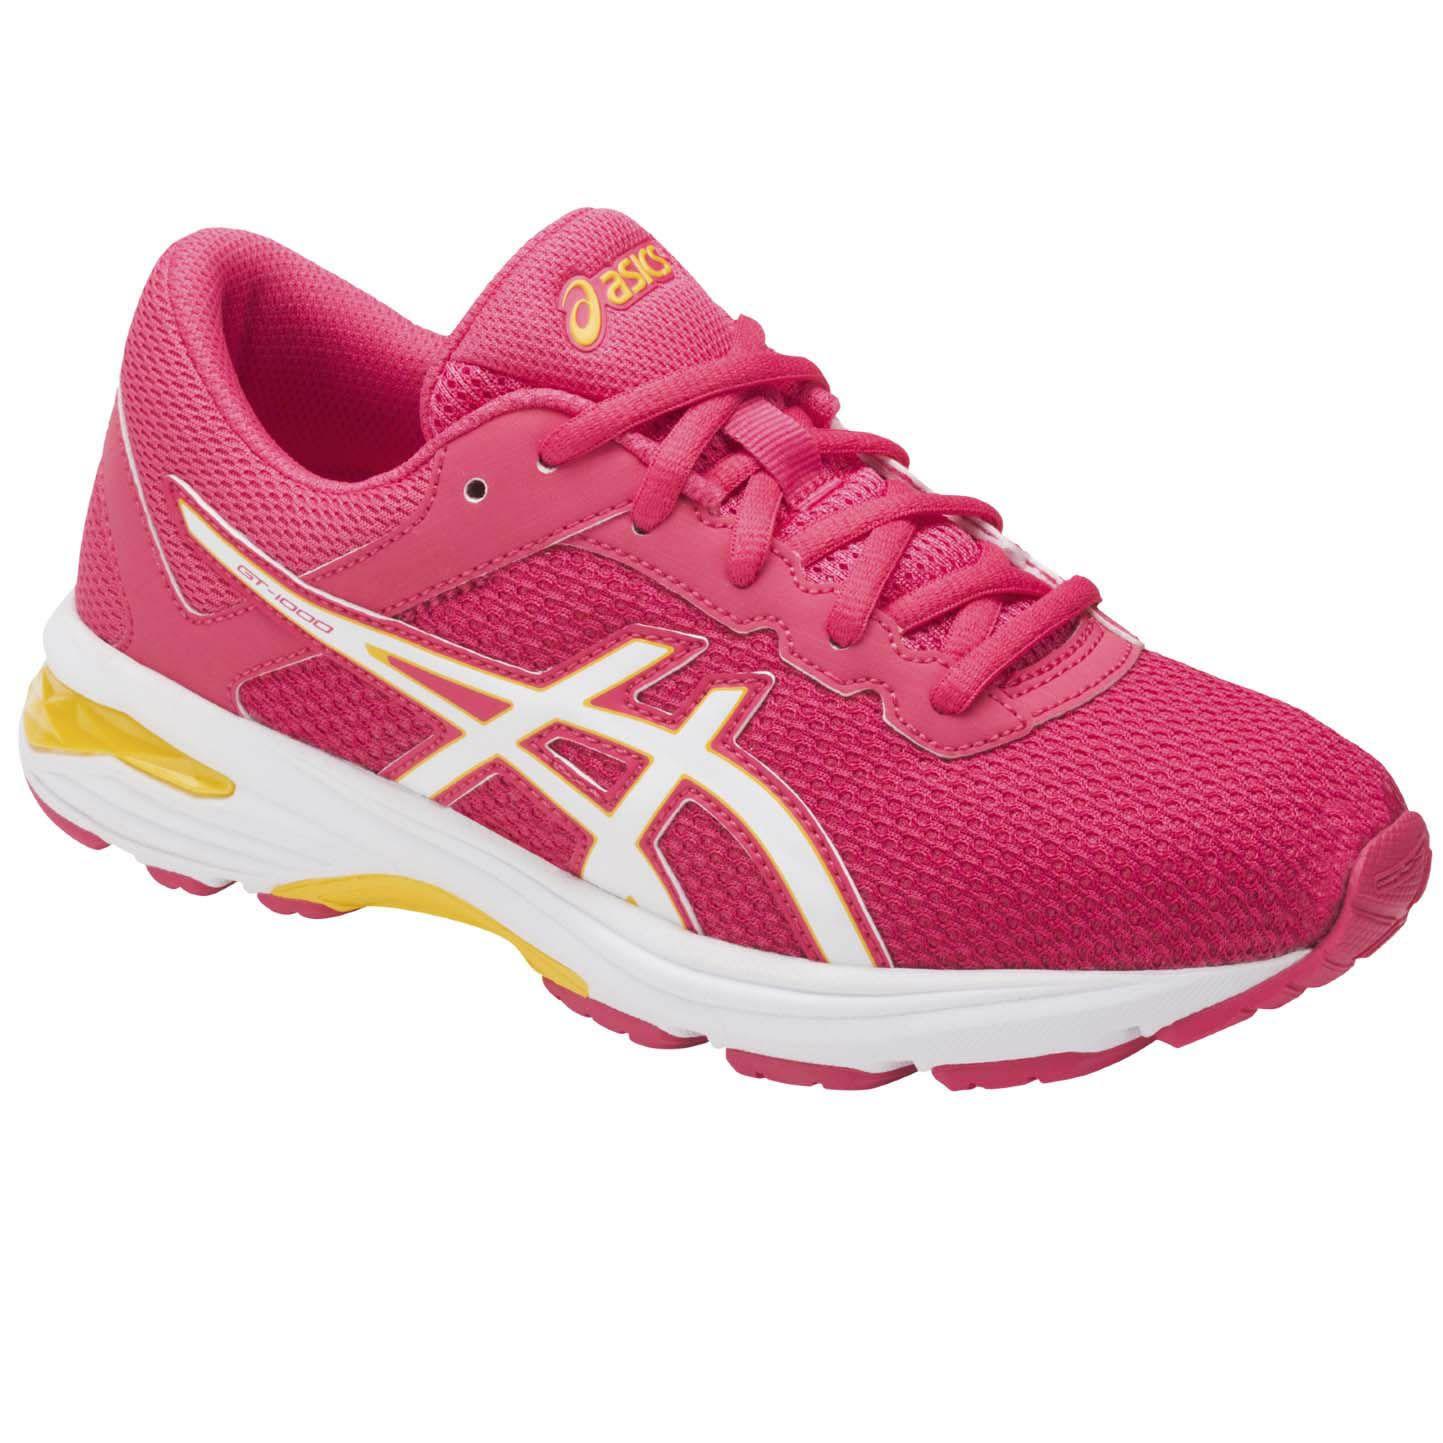 Asics GT-1000 6 GS Girls Running Shoes